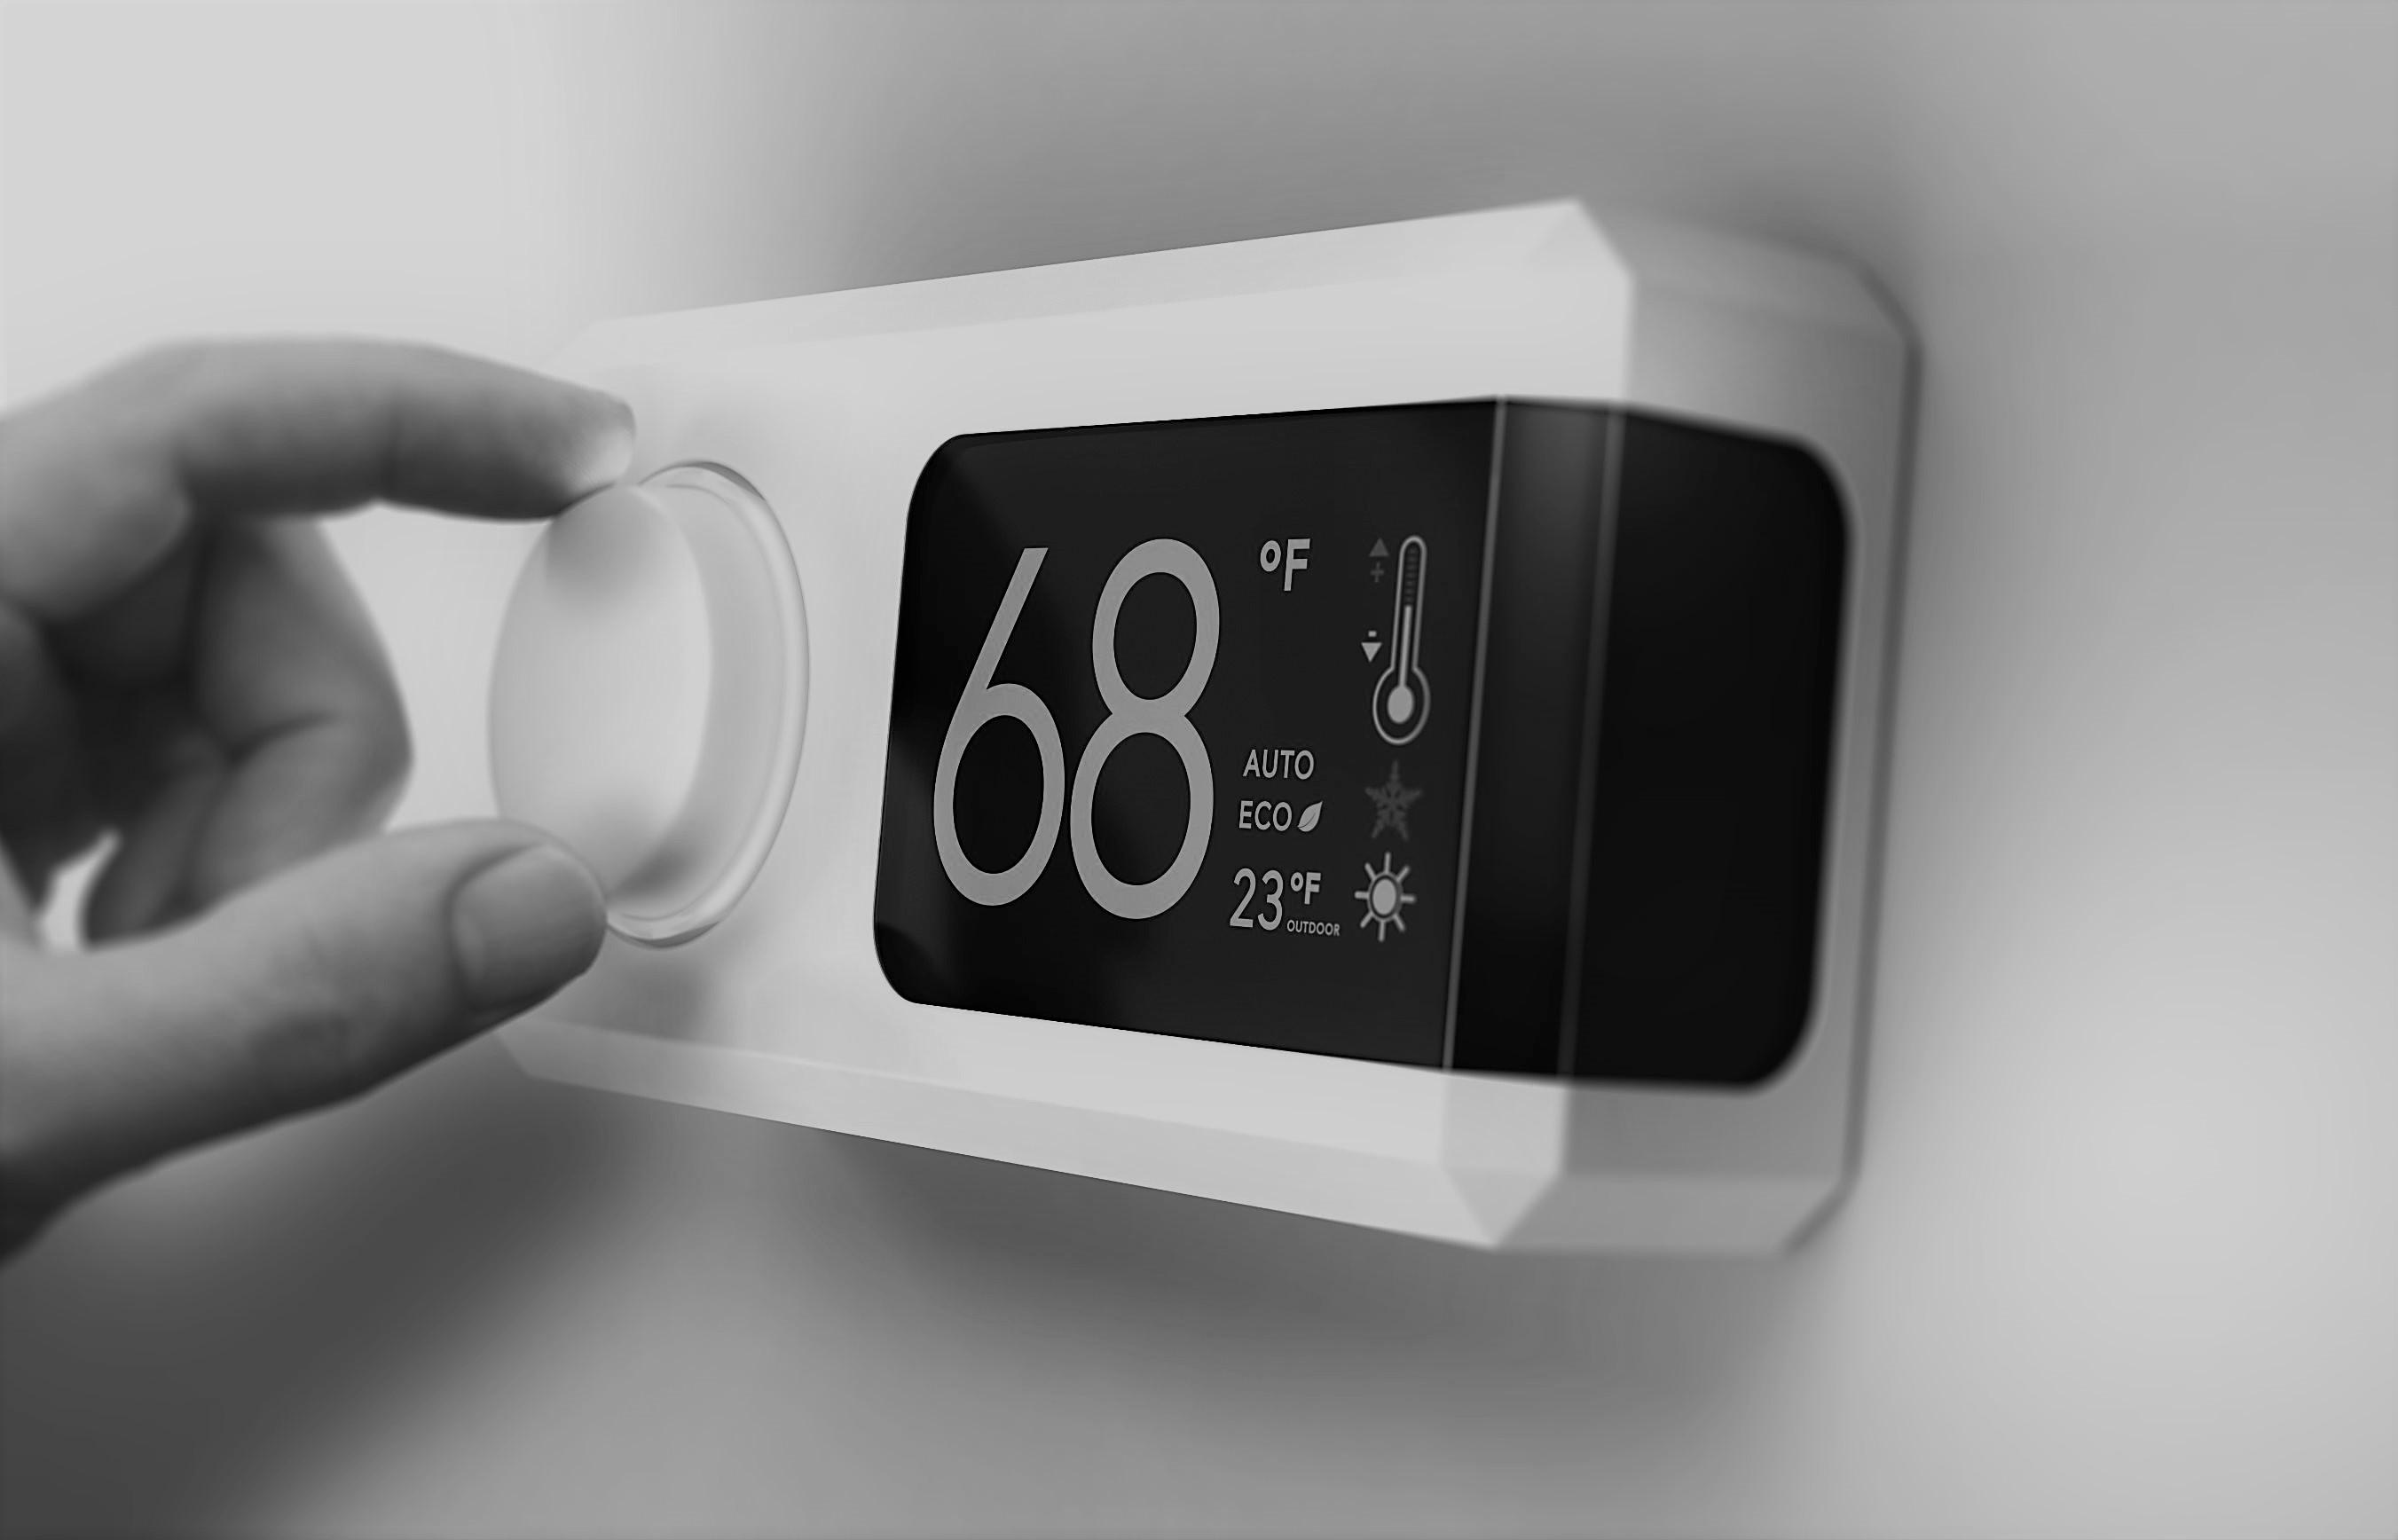 Calefacció vs Estalvi energètic